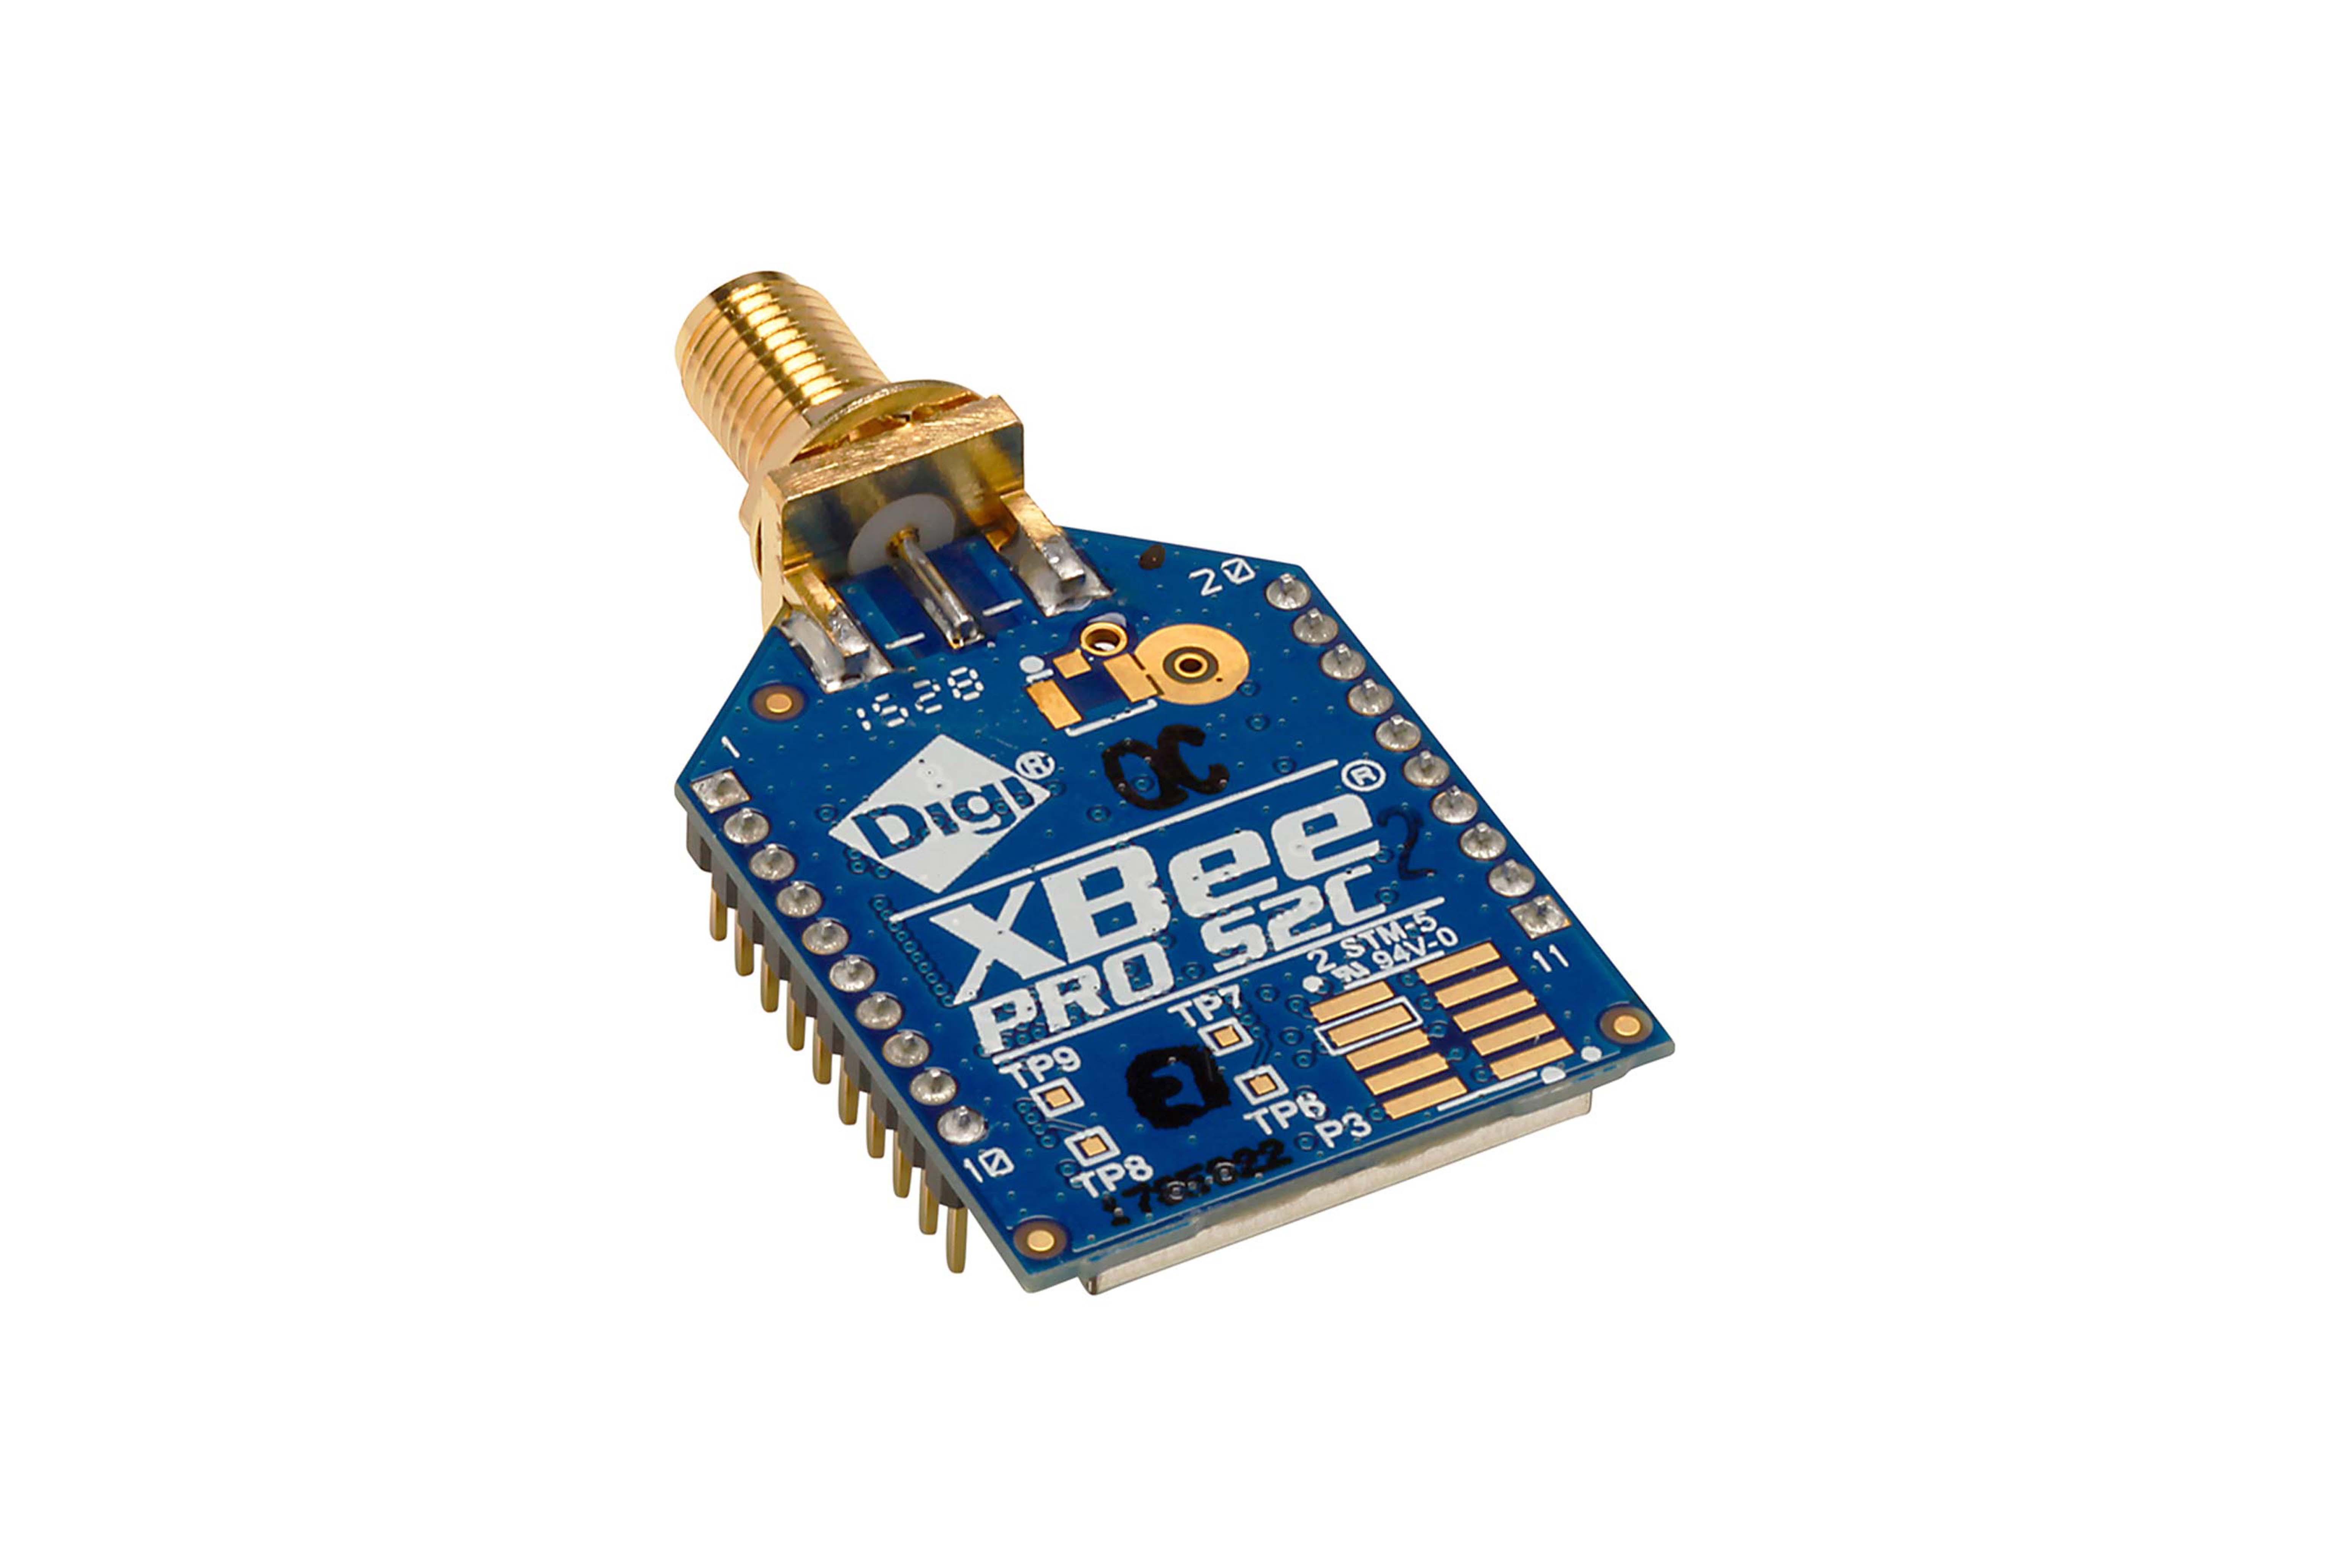 XBee-PRO(ジグビー・プロ) S2C 802.15.4、2.4GHz、TH